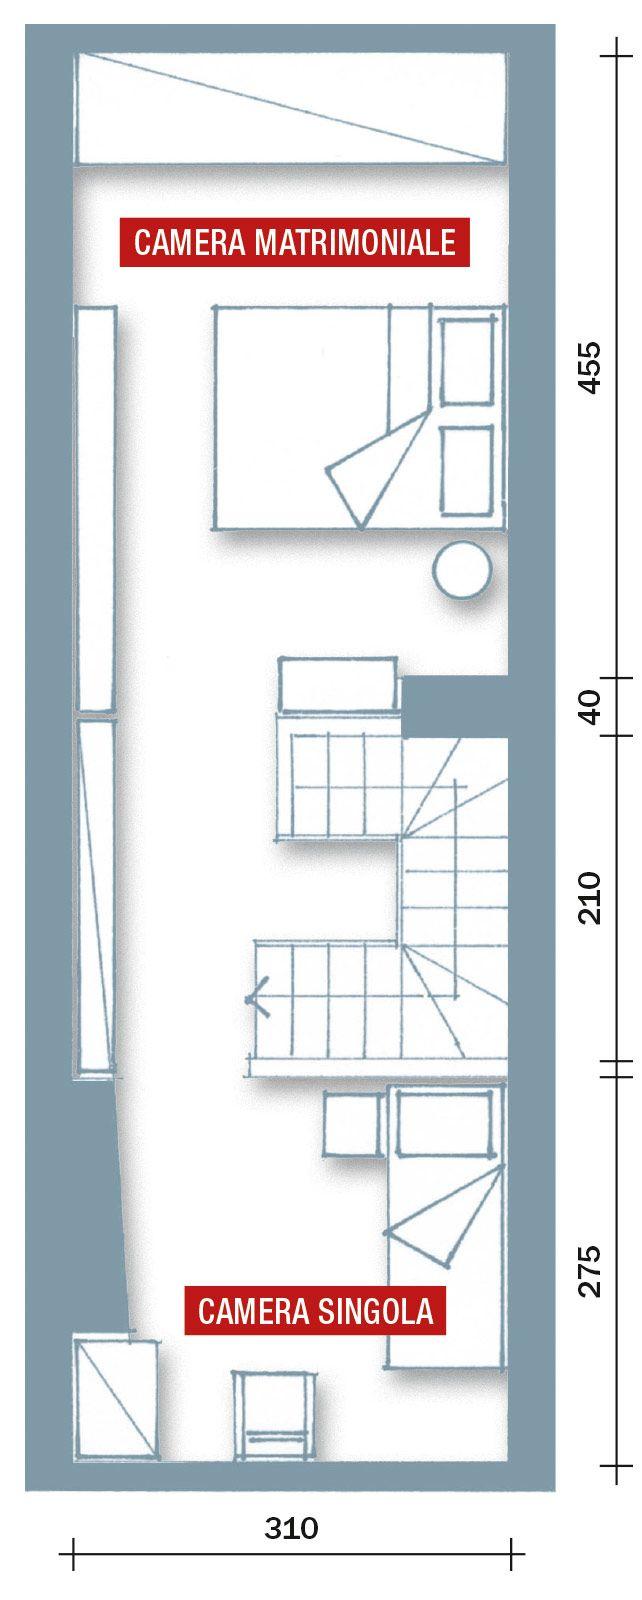 Oltre 25 fantastiche idee su casa stretta su pinterest for Piani di progettazione di piccole case